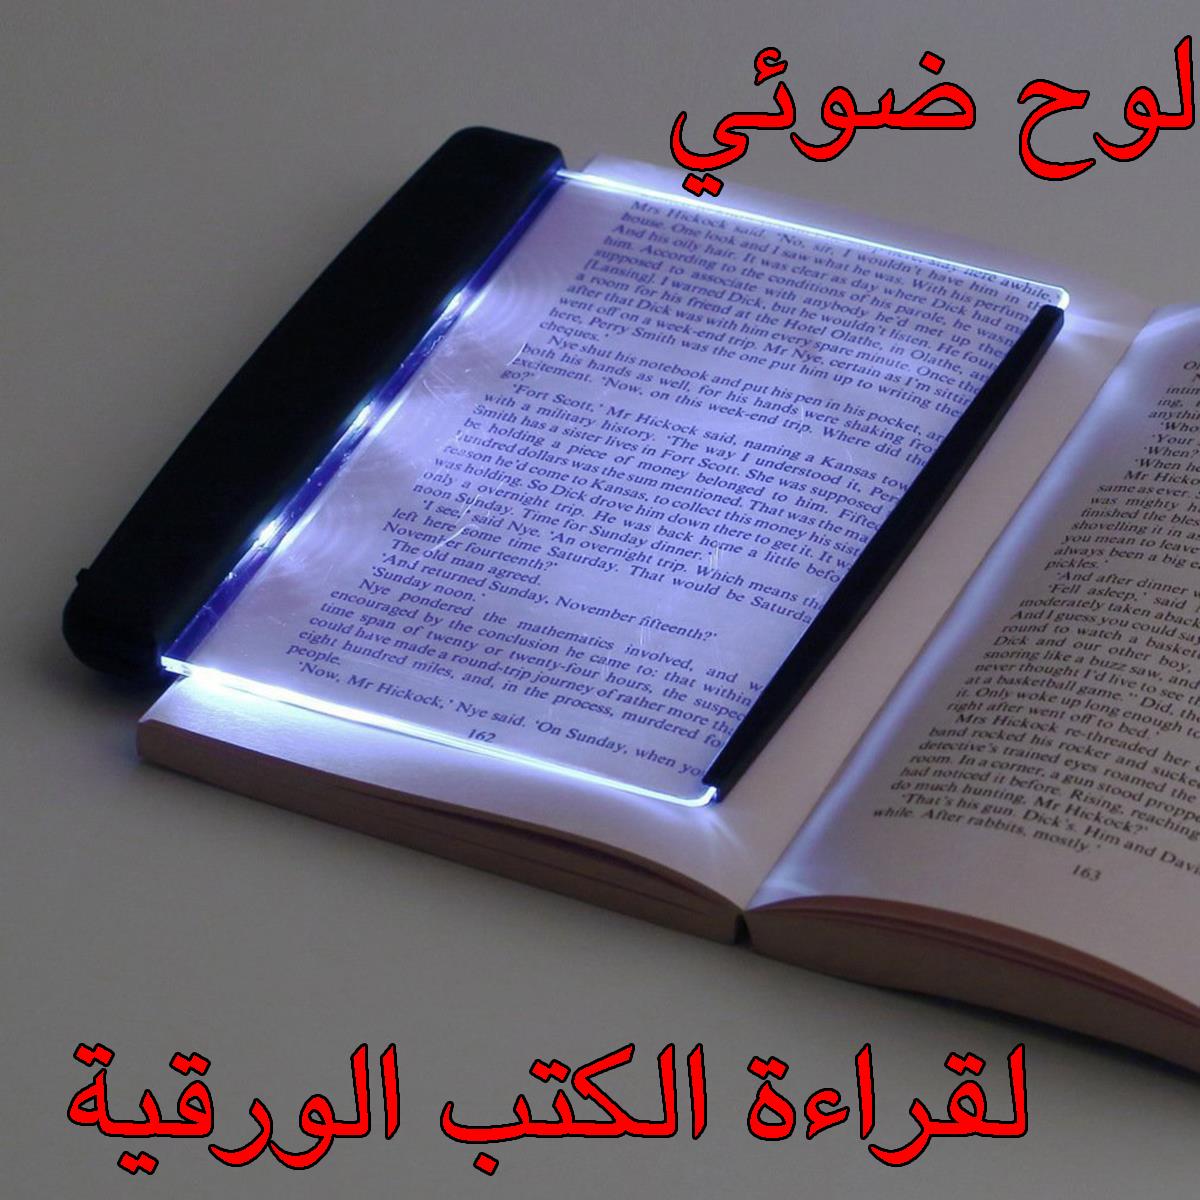 لوح ضوئي لقراءة الكتب الوقية